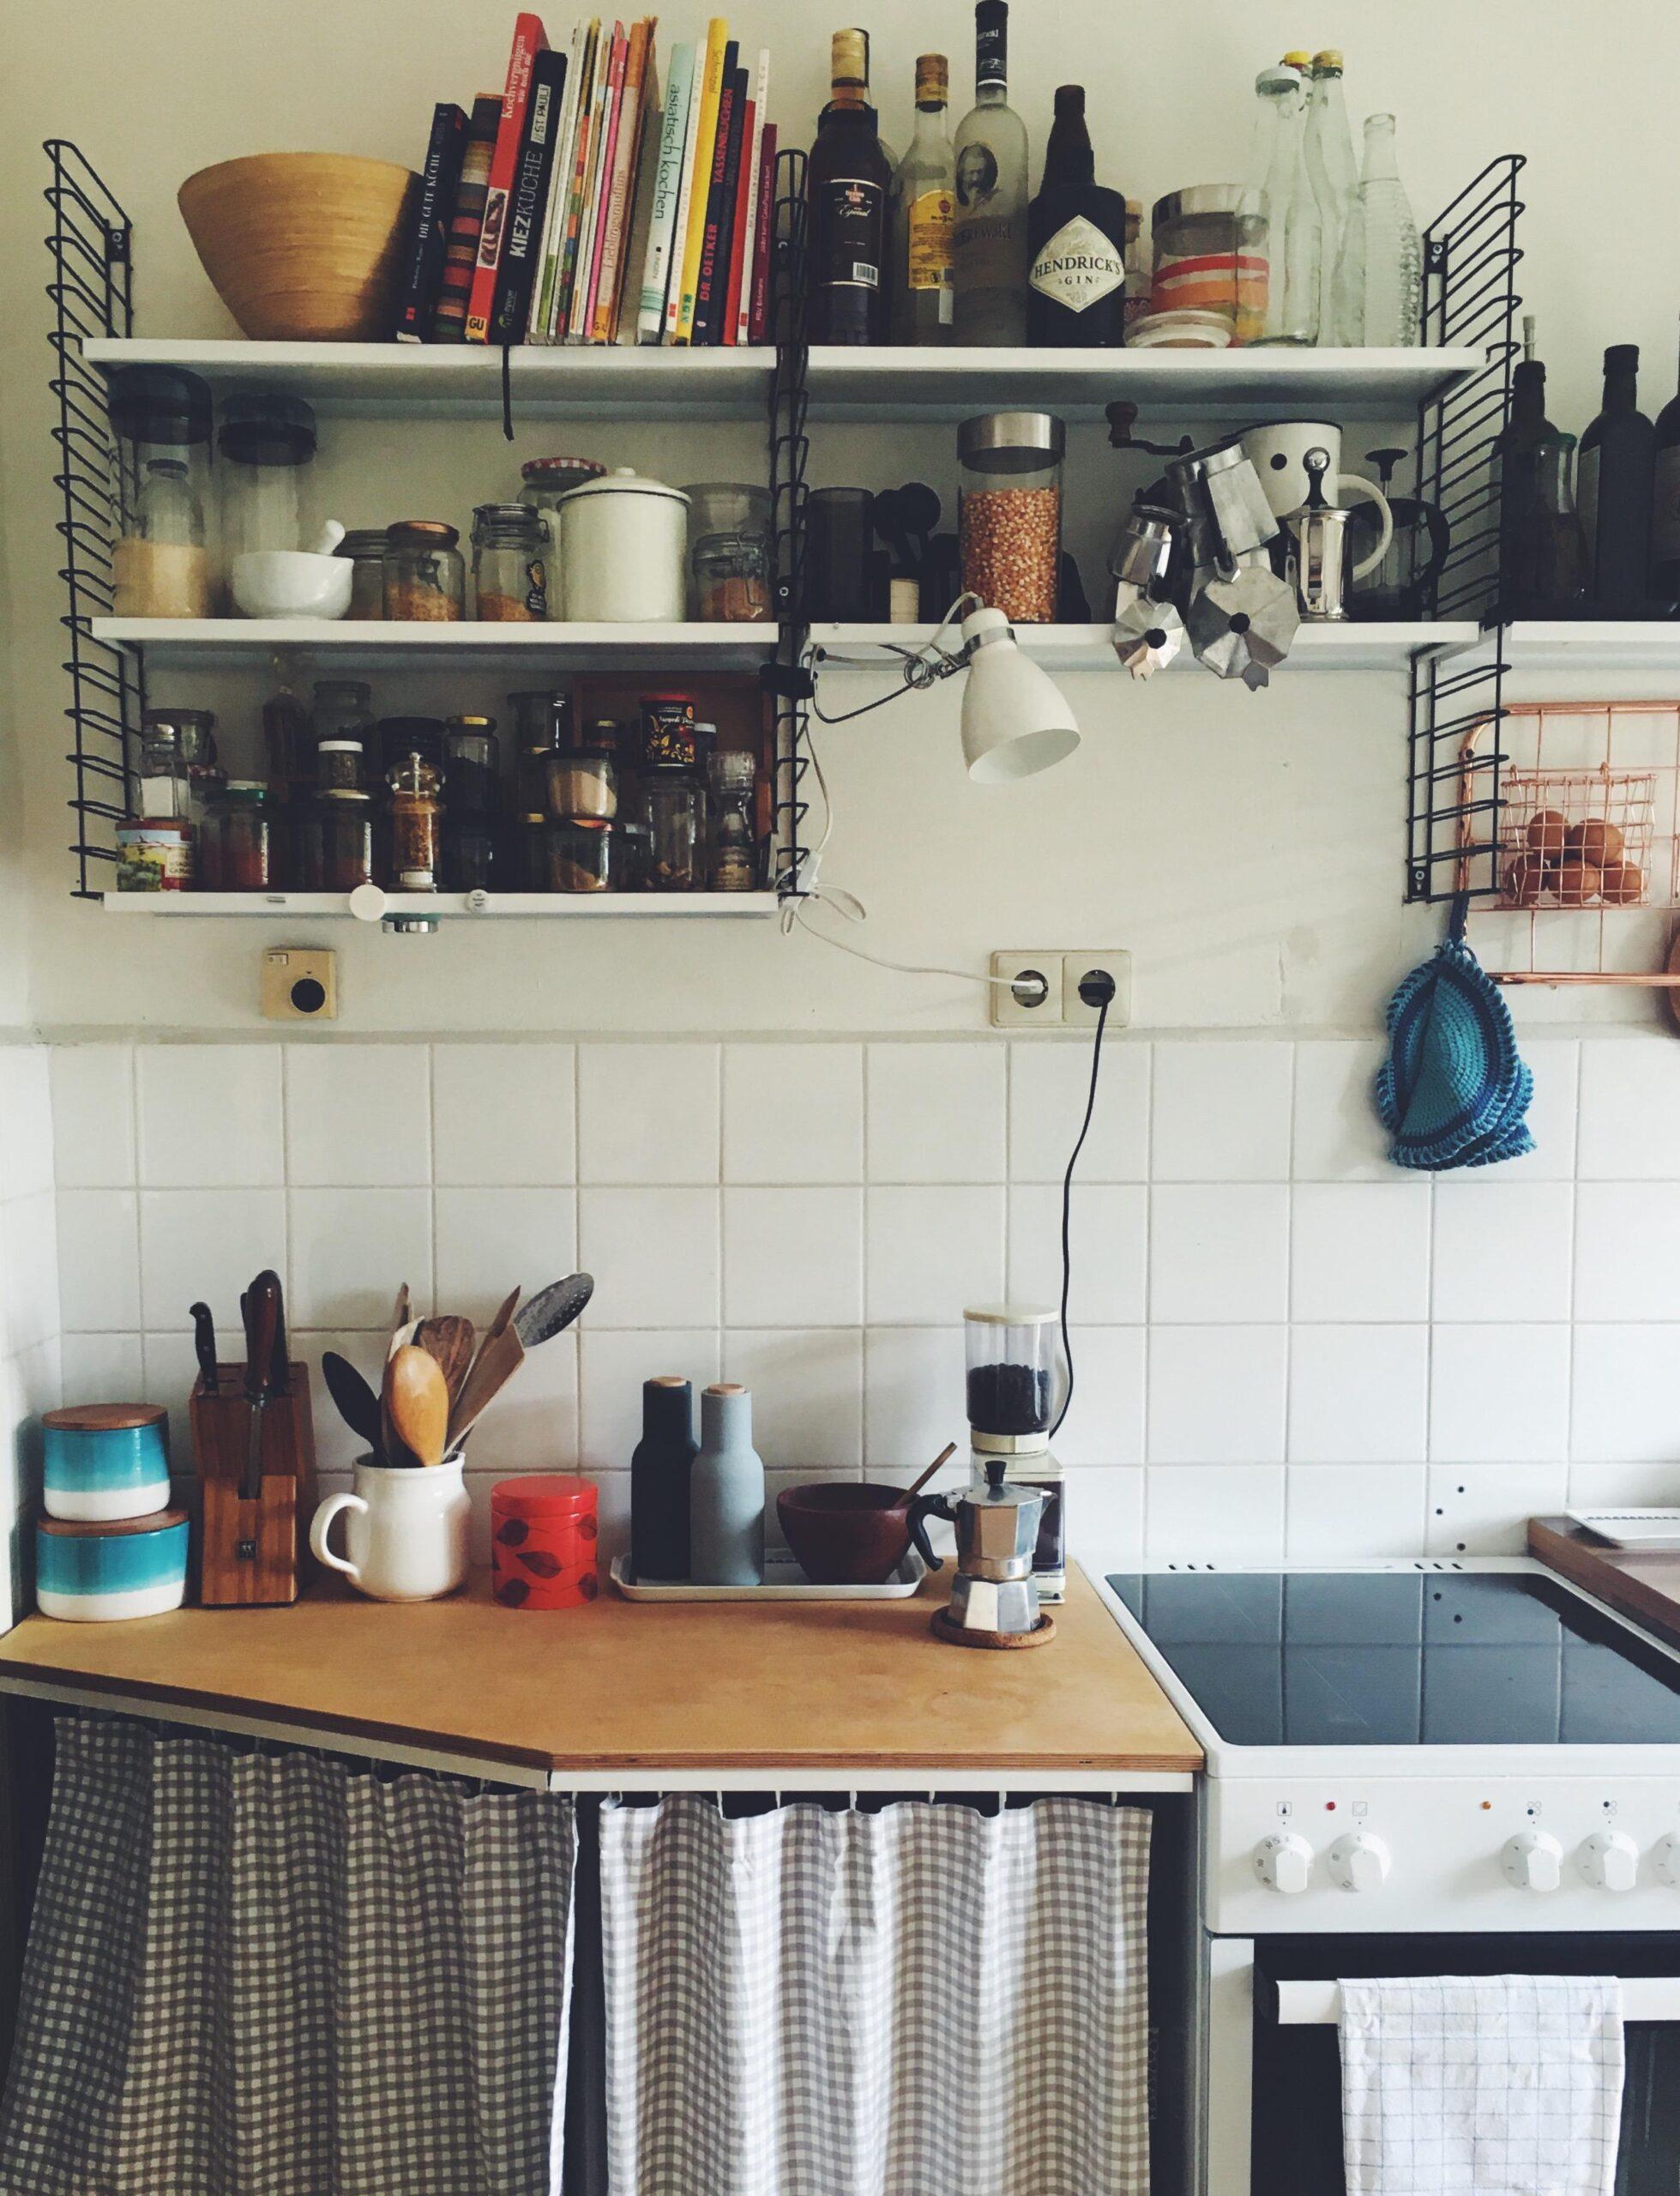 Full Size of Vintage Regal Küche Kchenablage Bilder Ideen Couch Kinderzimmer Weiß Stecksystem Rustikal Was Kostet Eine Massivholzküche L Mit Elektrogeräten Billig Wohnzimmer Vintage Regal Küche